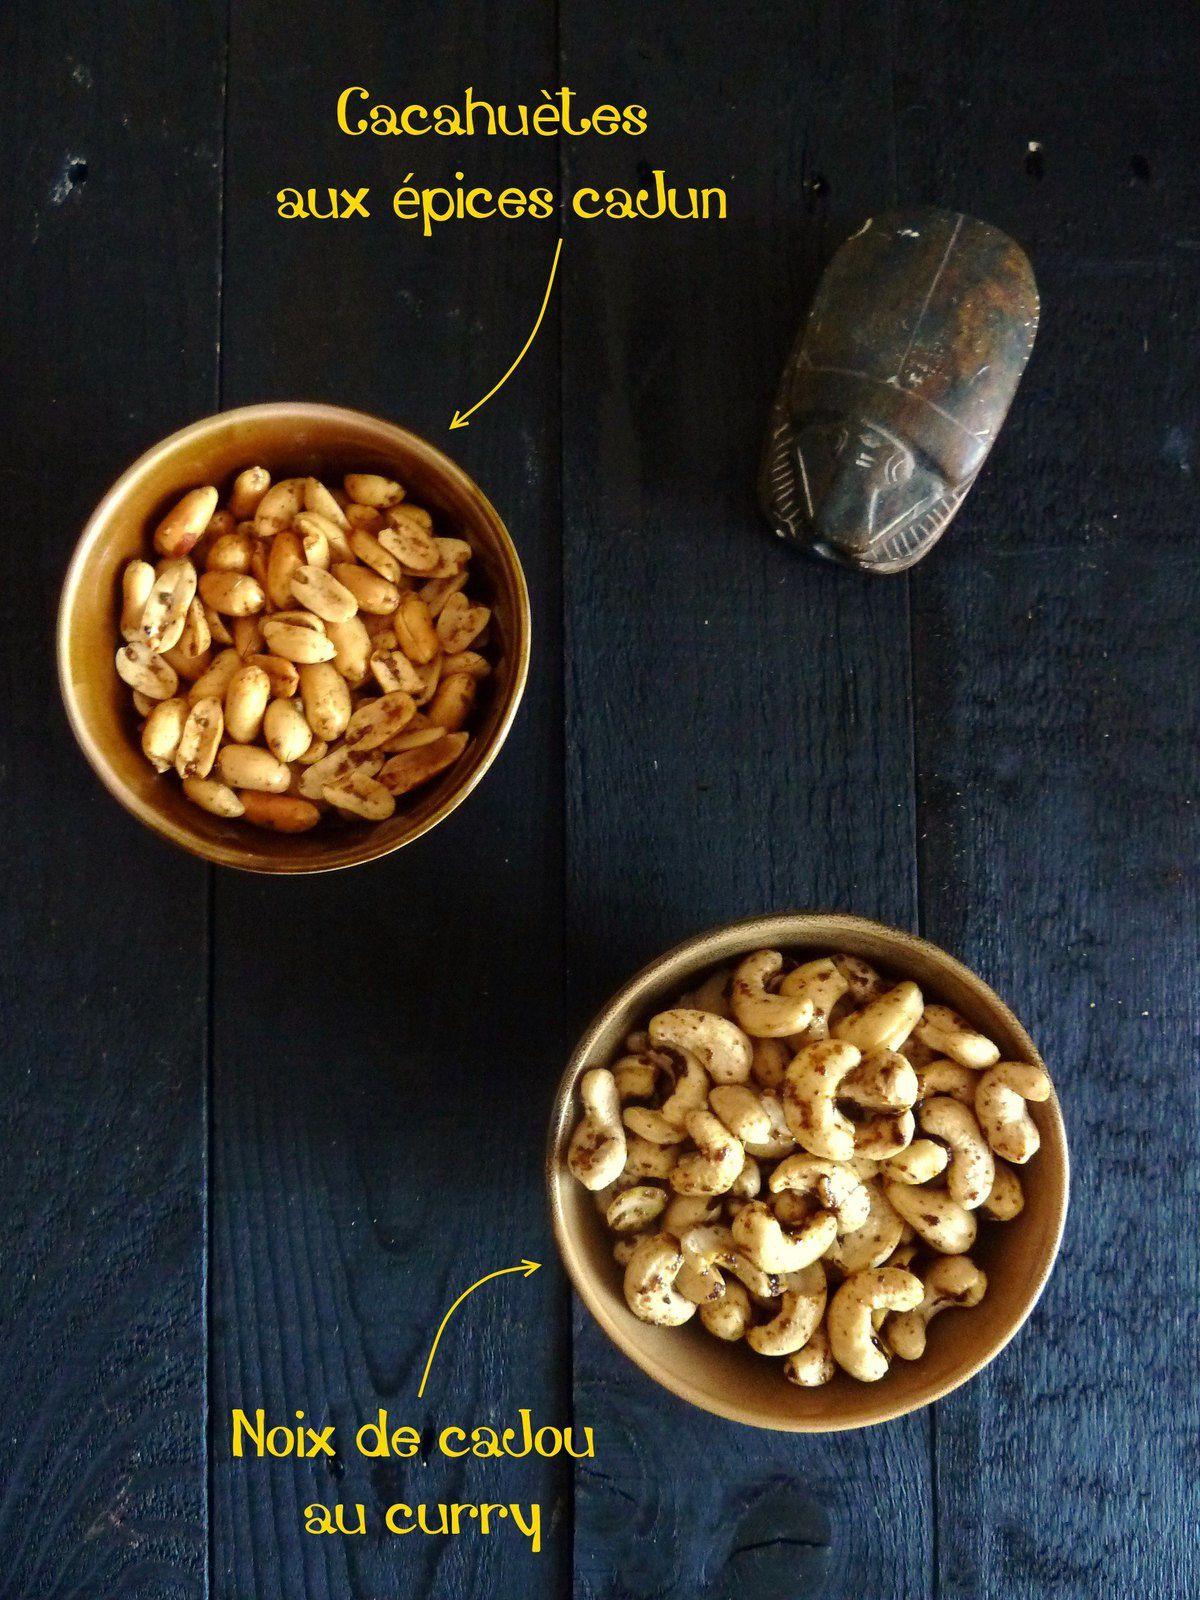 Noix de cajou au curry et cacahuètes au épices cajun